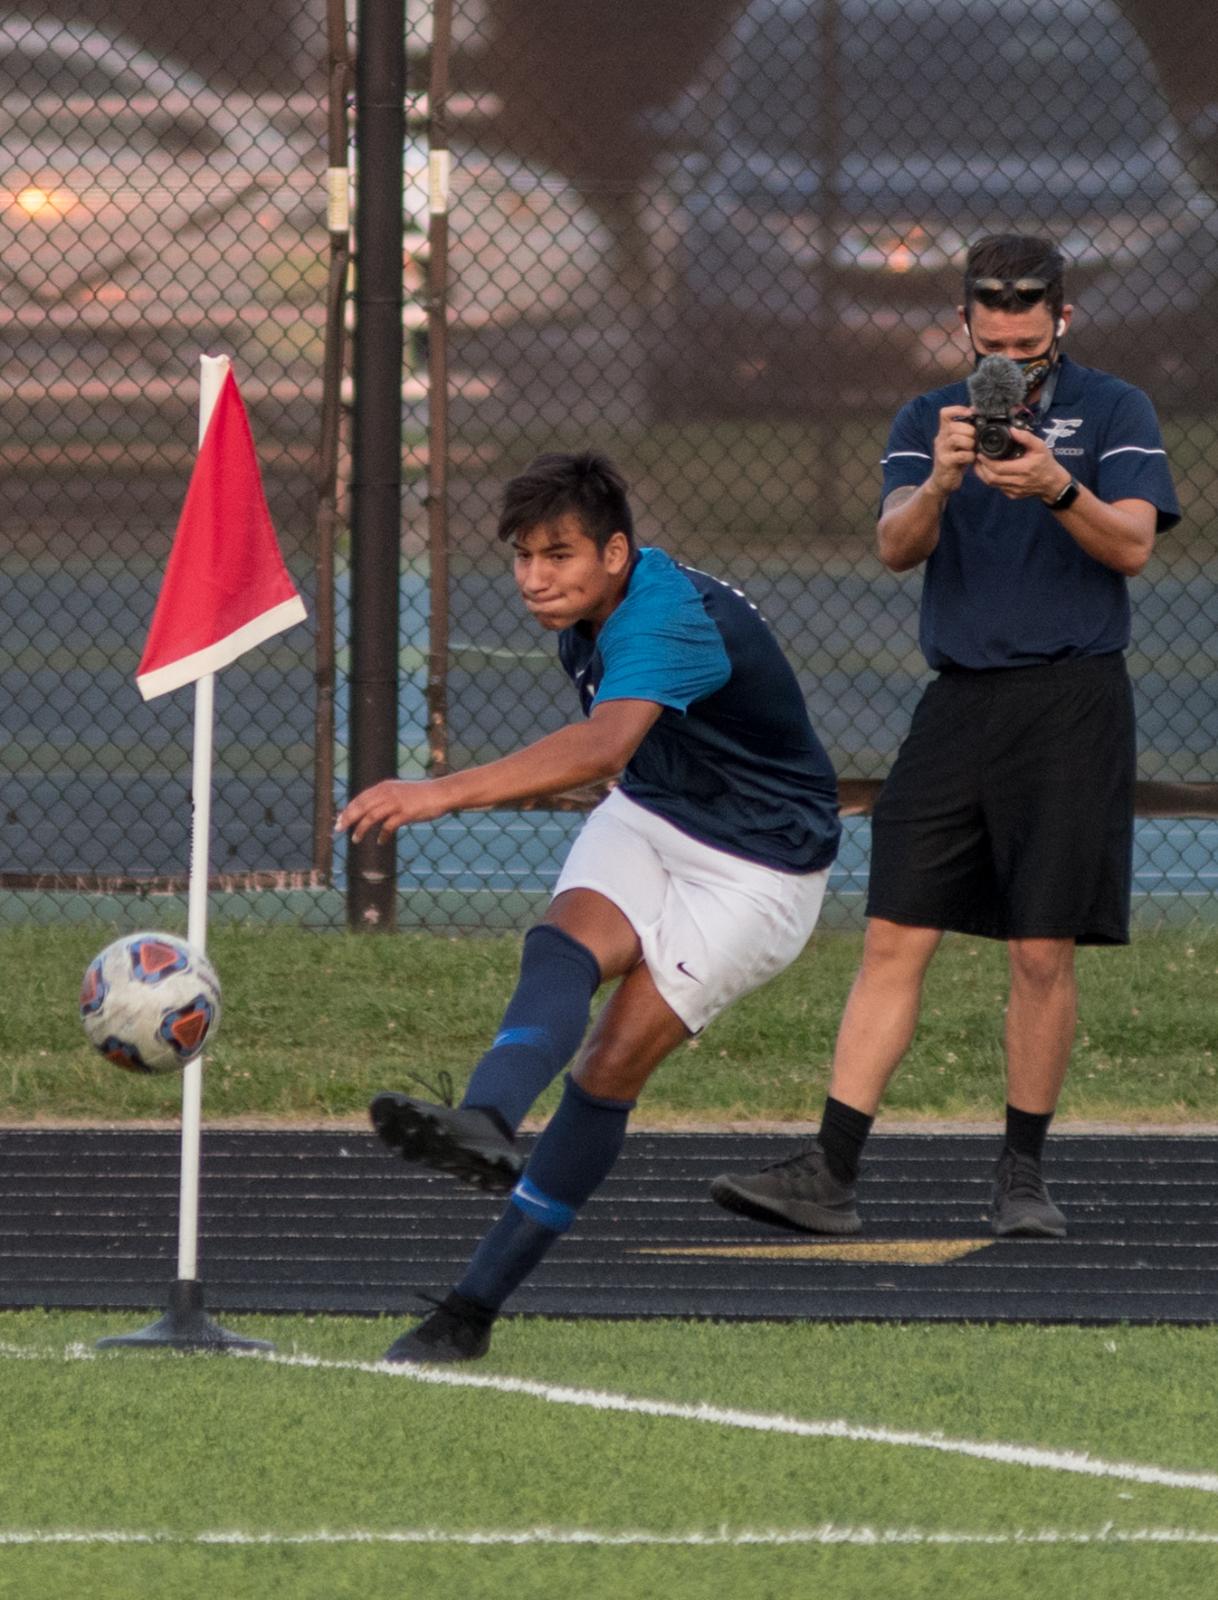 Photo Highlights from Fairmont Men's Varsity Soccer vs. Northmont 8-25-2020